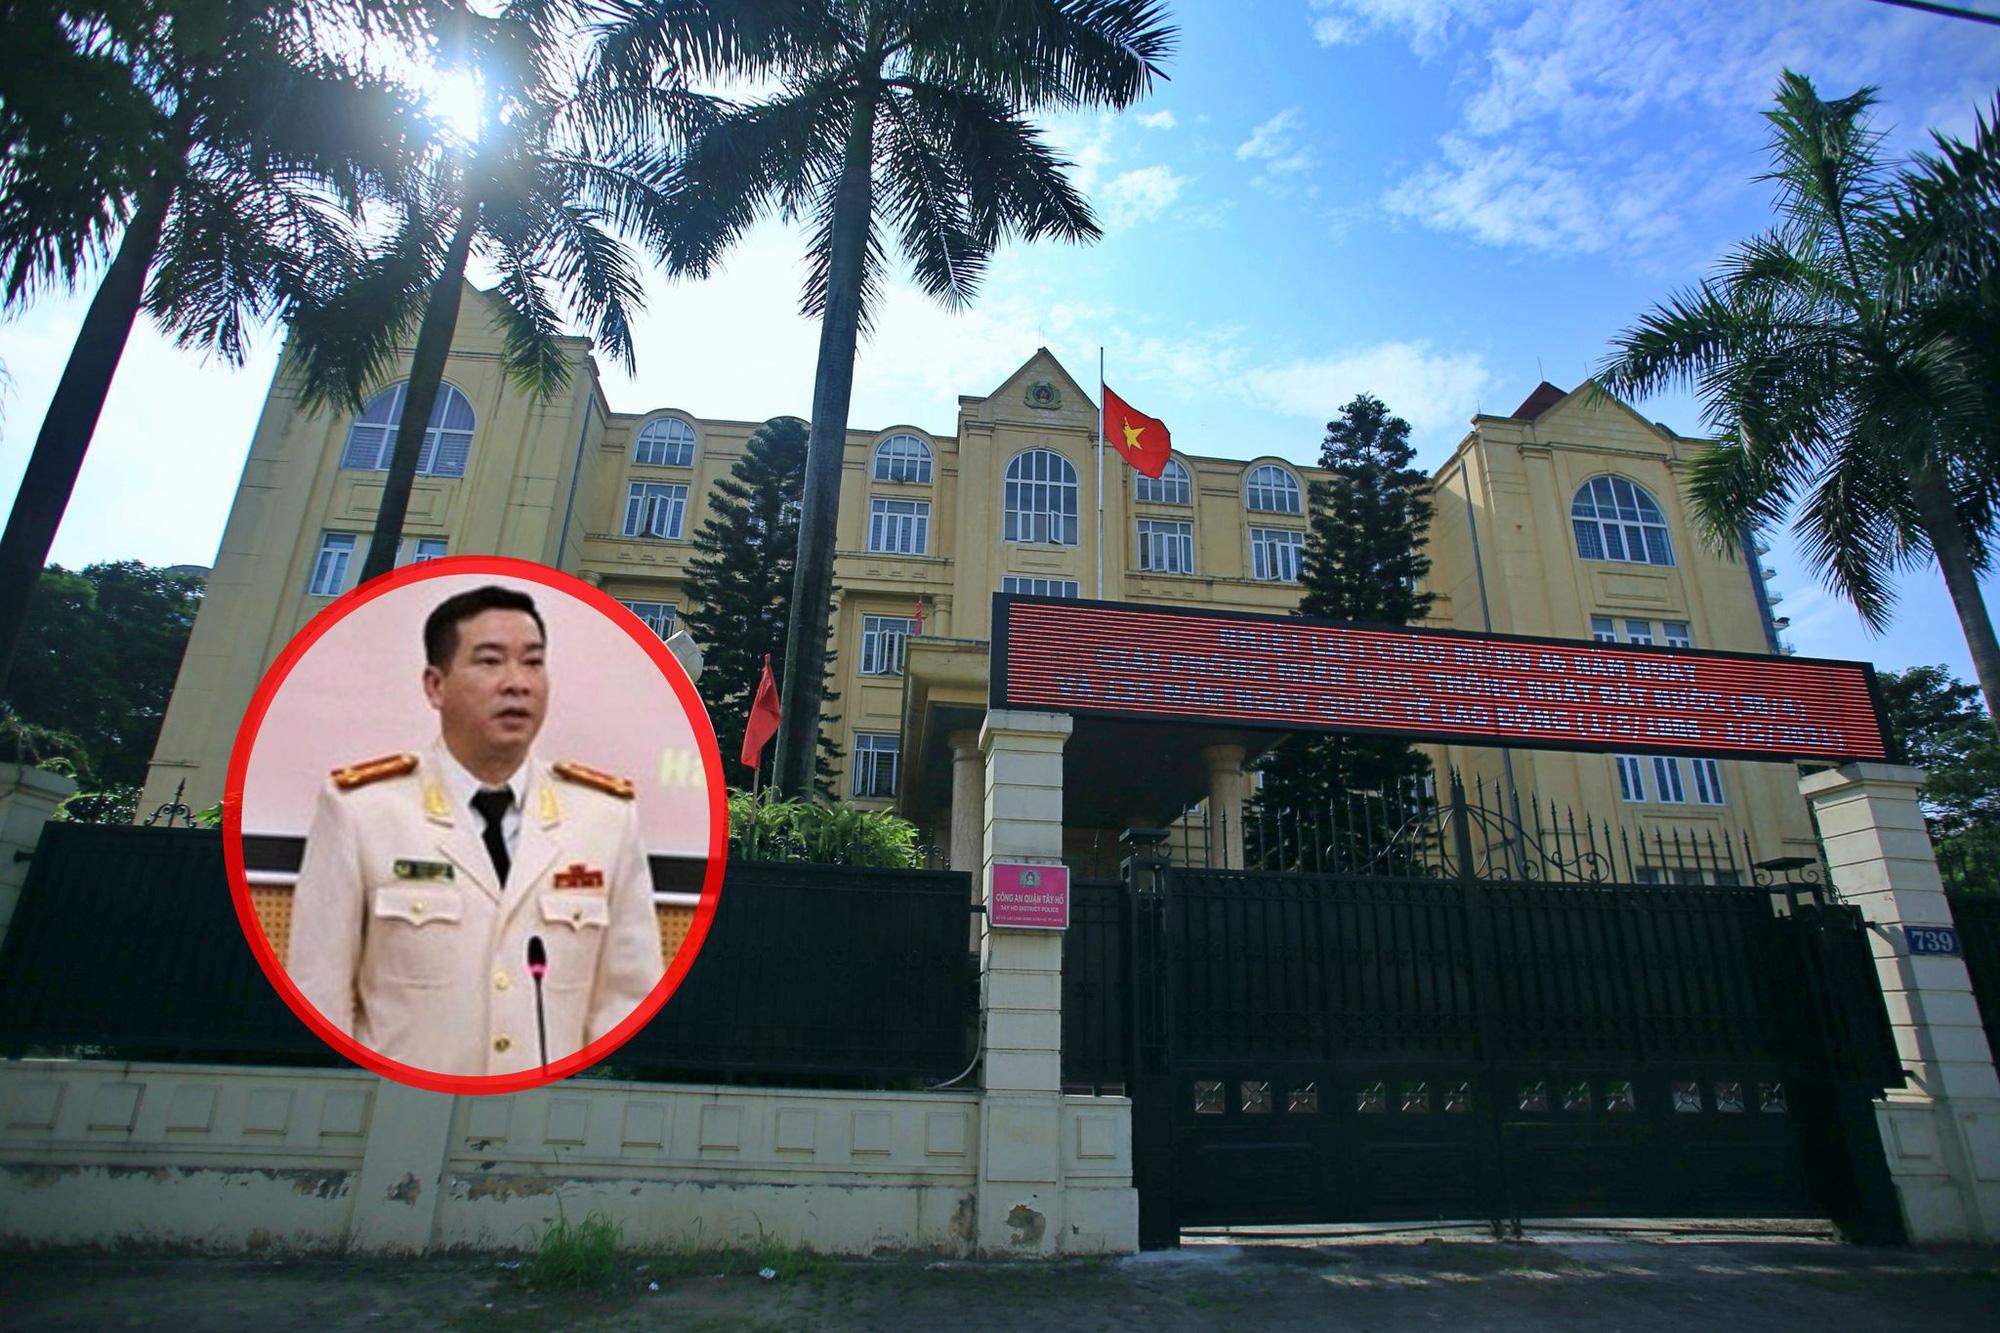 """Bắt cựu công an nói đại tá Phùng Anh Lê """"chỉ đạo miệng"""" không bắt tên cướp - Ảnh 1."""